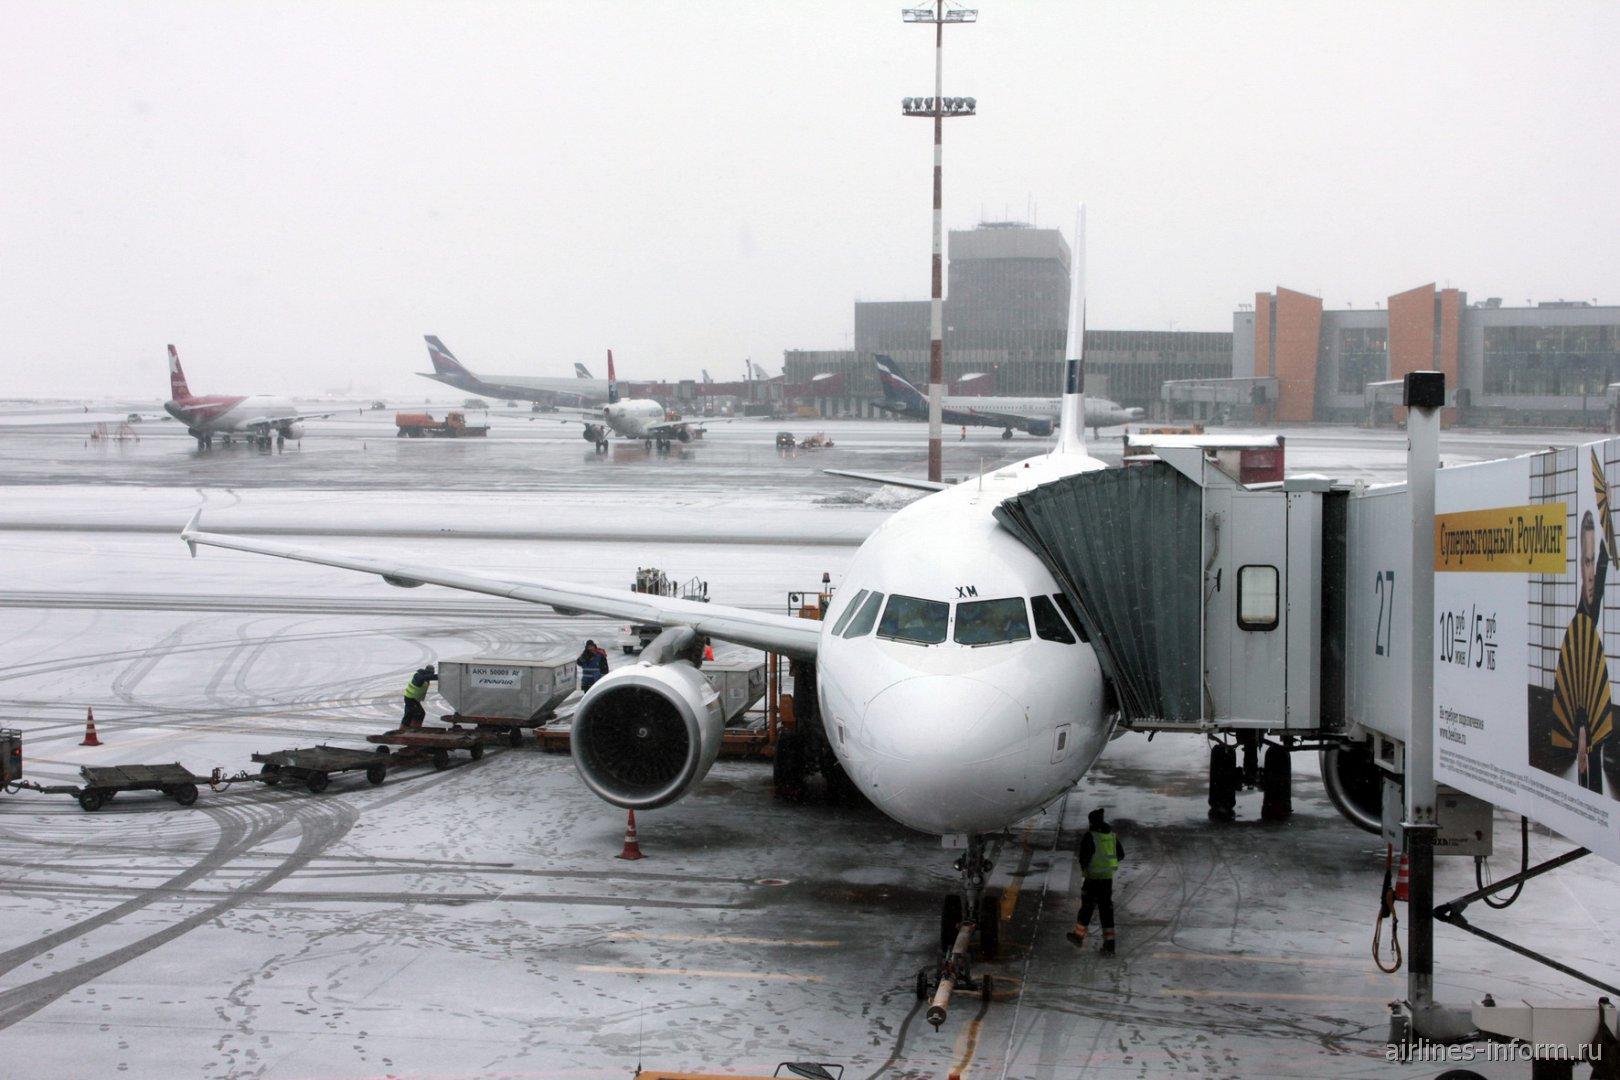 Новогоднее путешествие в страну тысячи озёр. Часть 1, Москва(SVO)-Хельсинки(HEL) с Finnair